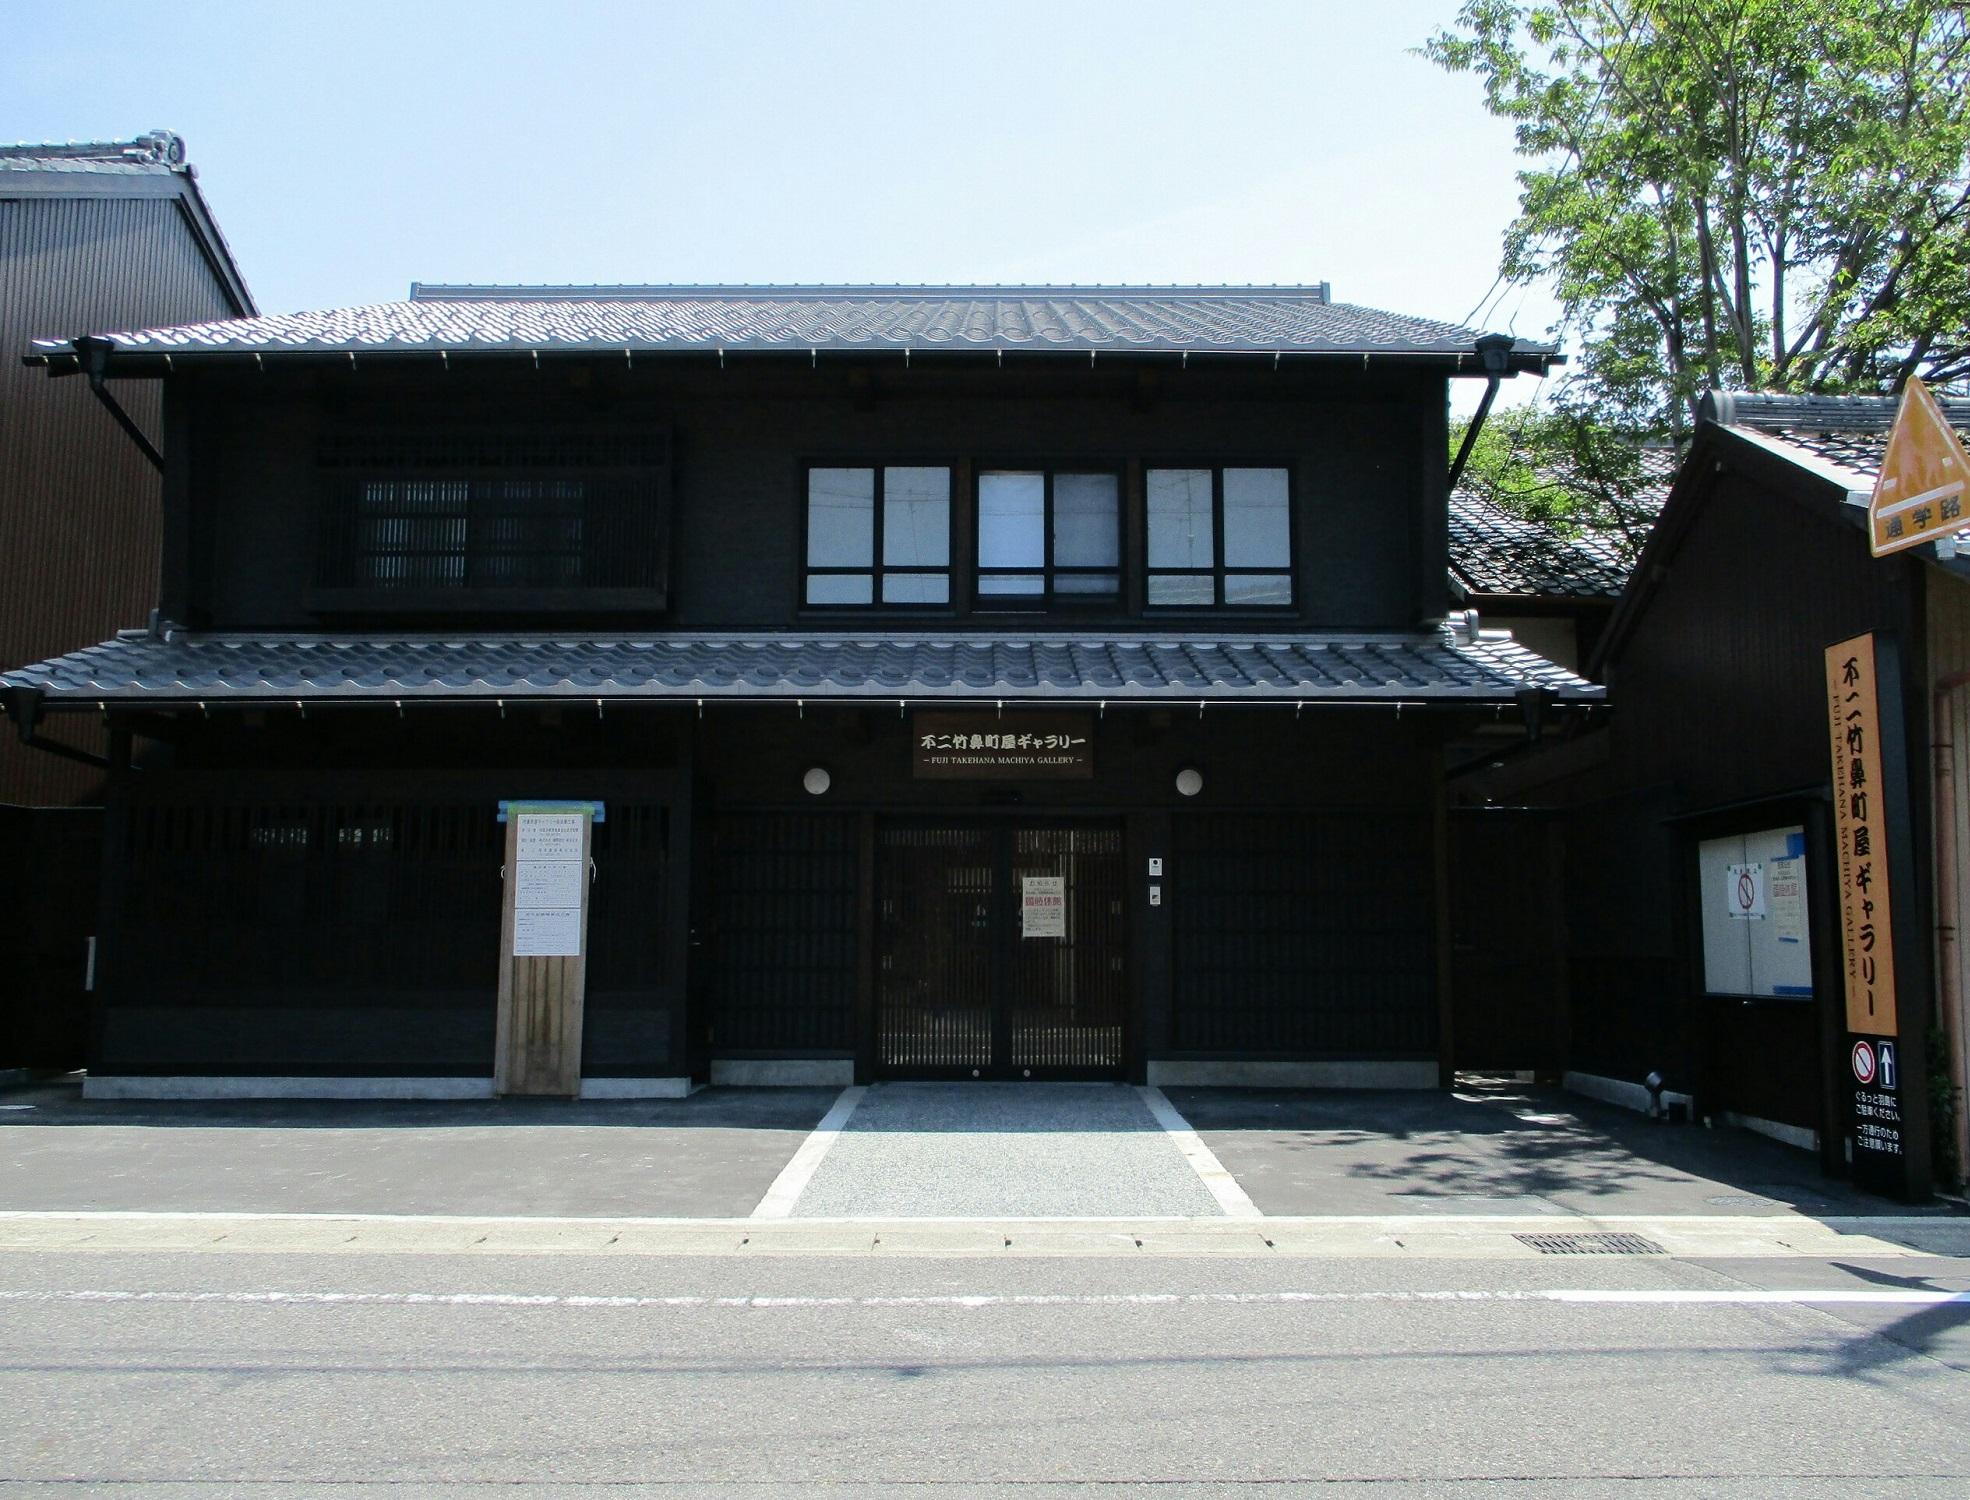 2018.7.18 (73) 竹鼻 - 不二竹鼻町屋ギャラリー 1970-1500